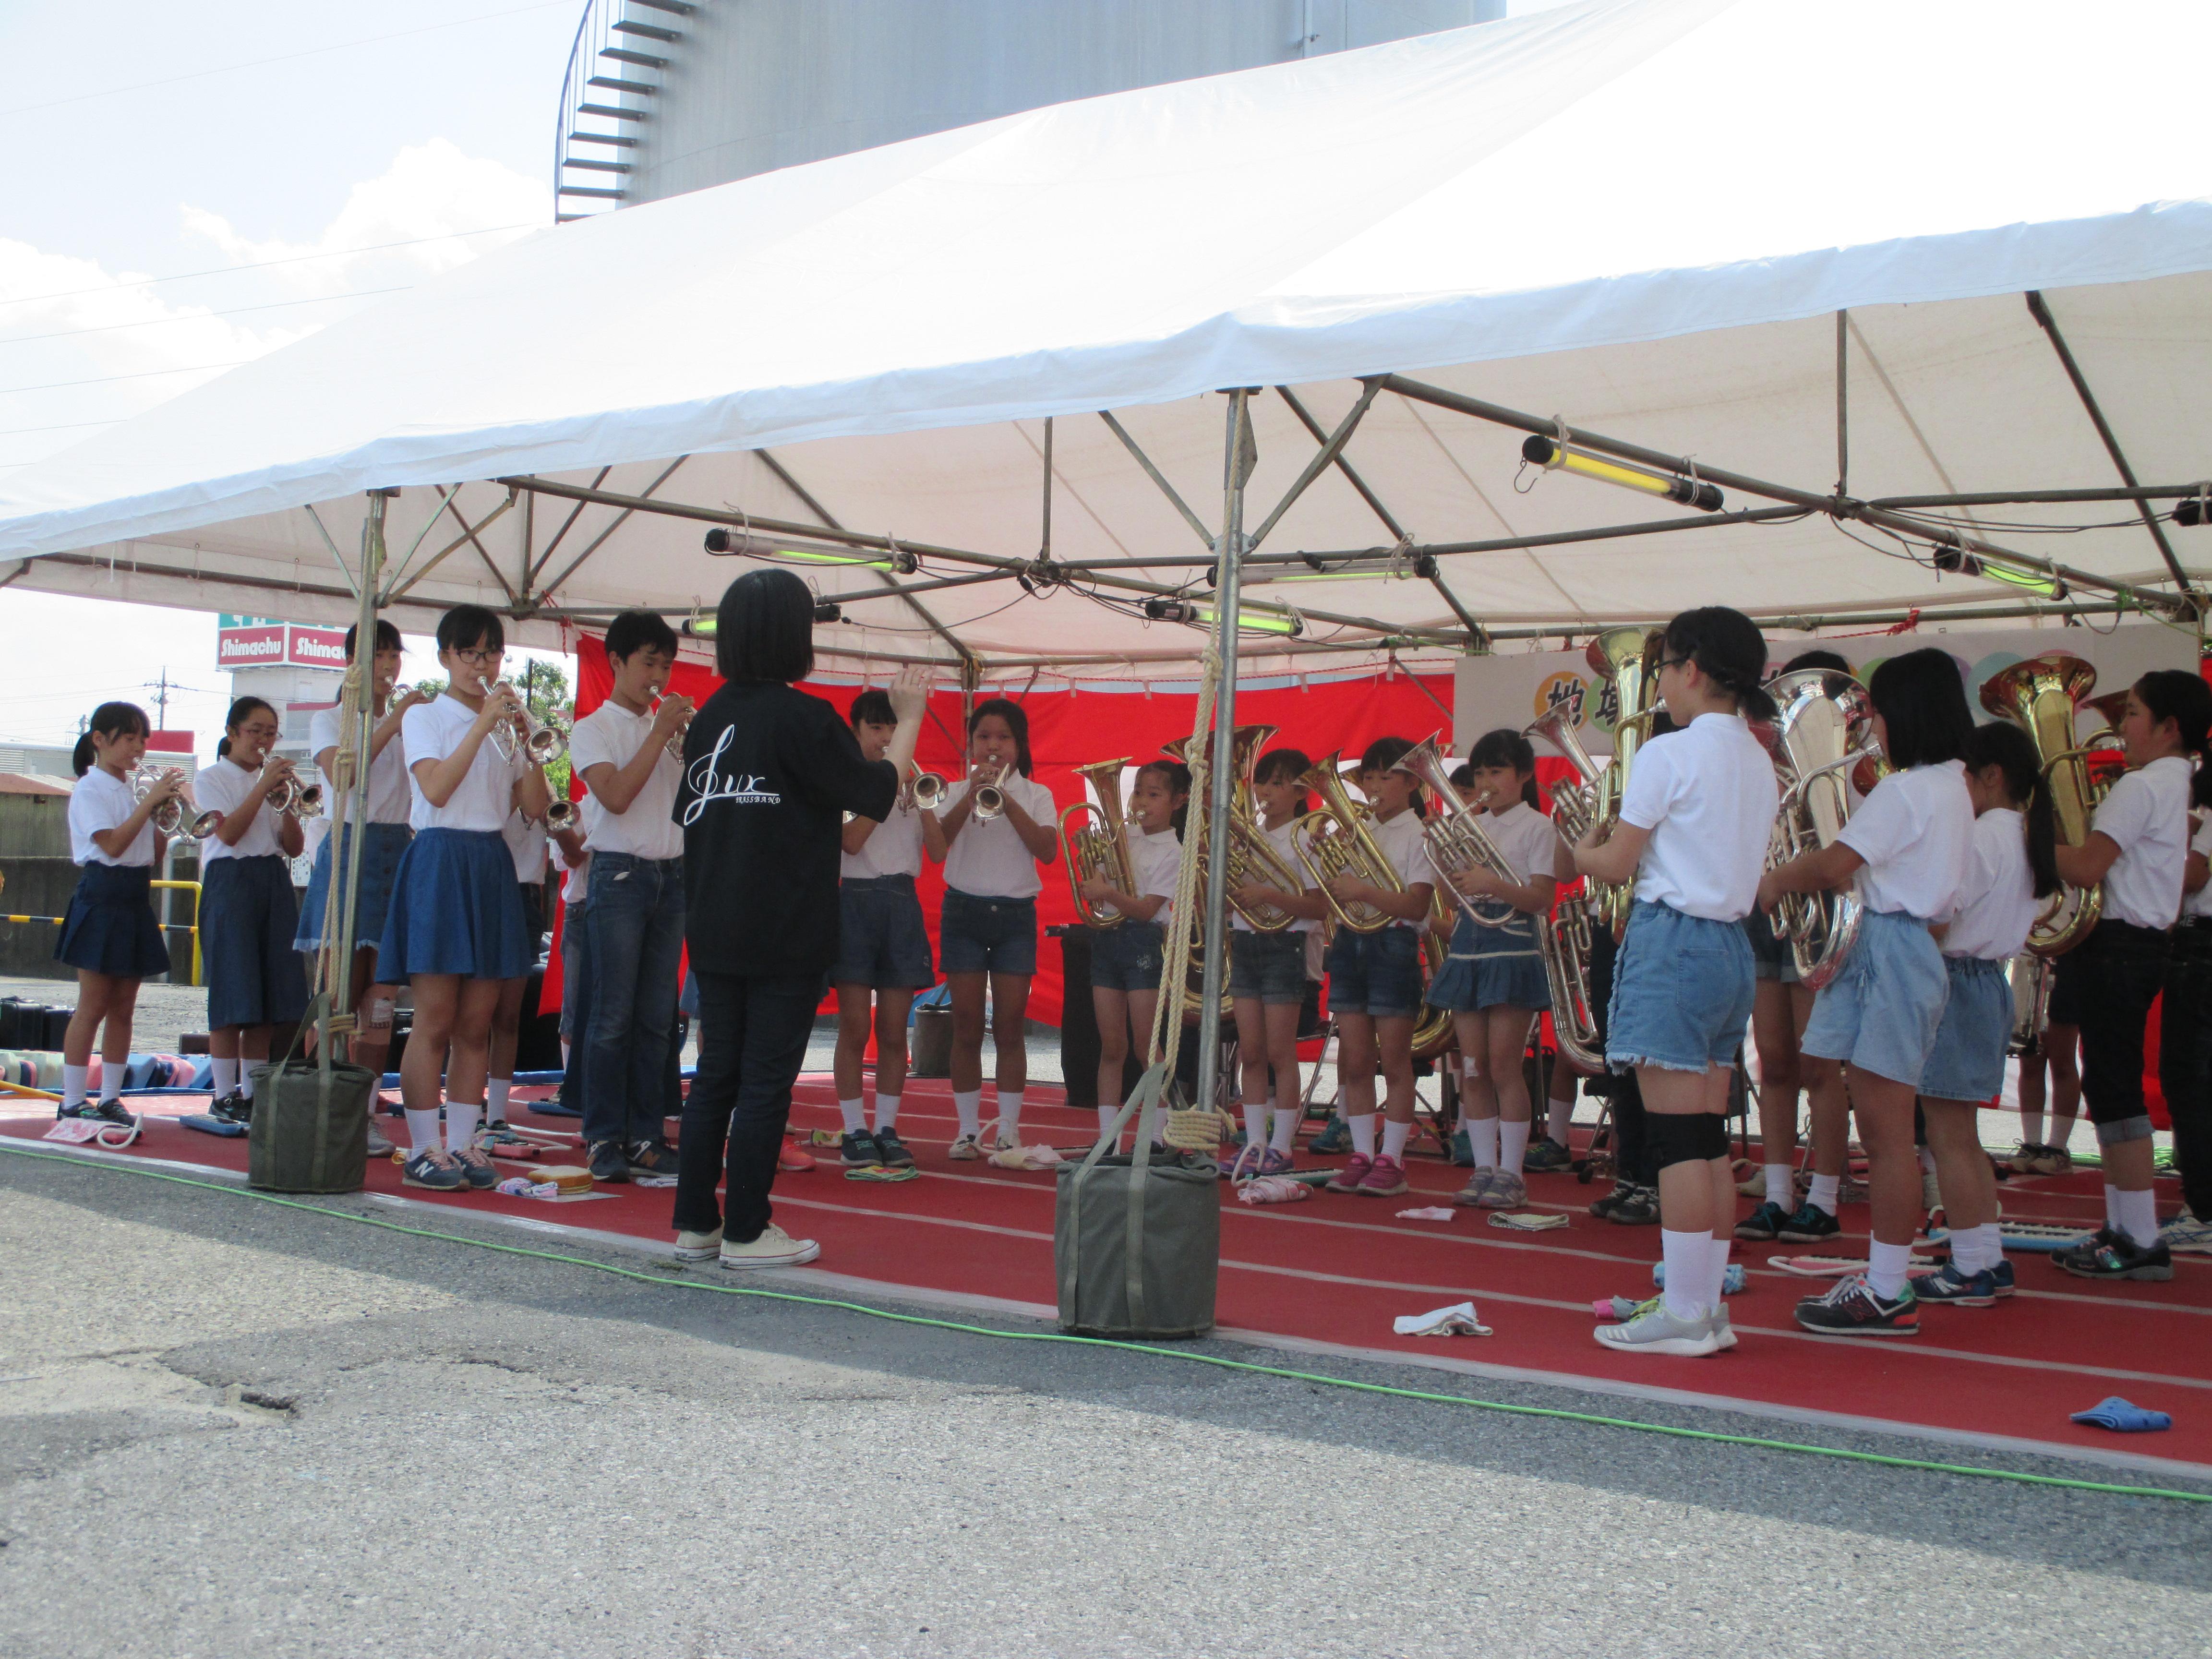 三橋小学校 ルクスブラスバンドの演奏です